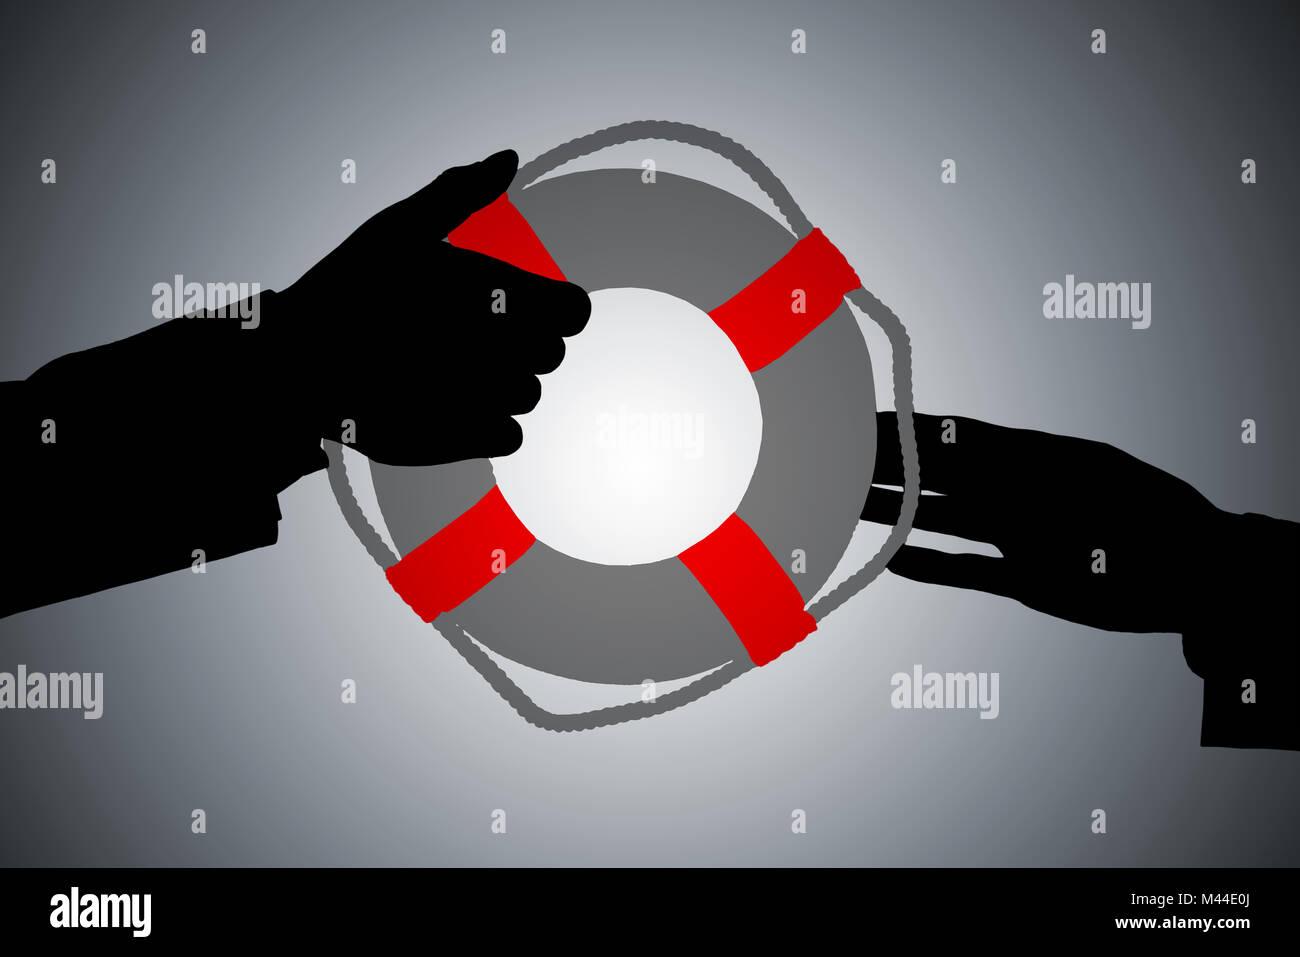 Silhouette einer Zwei Person's Hand vorbei Rettungsring gegen grauer Hintergrund Stockbild